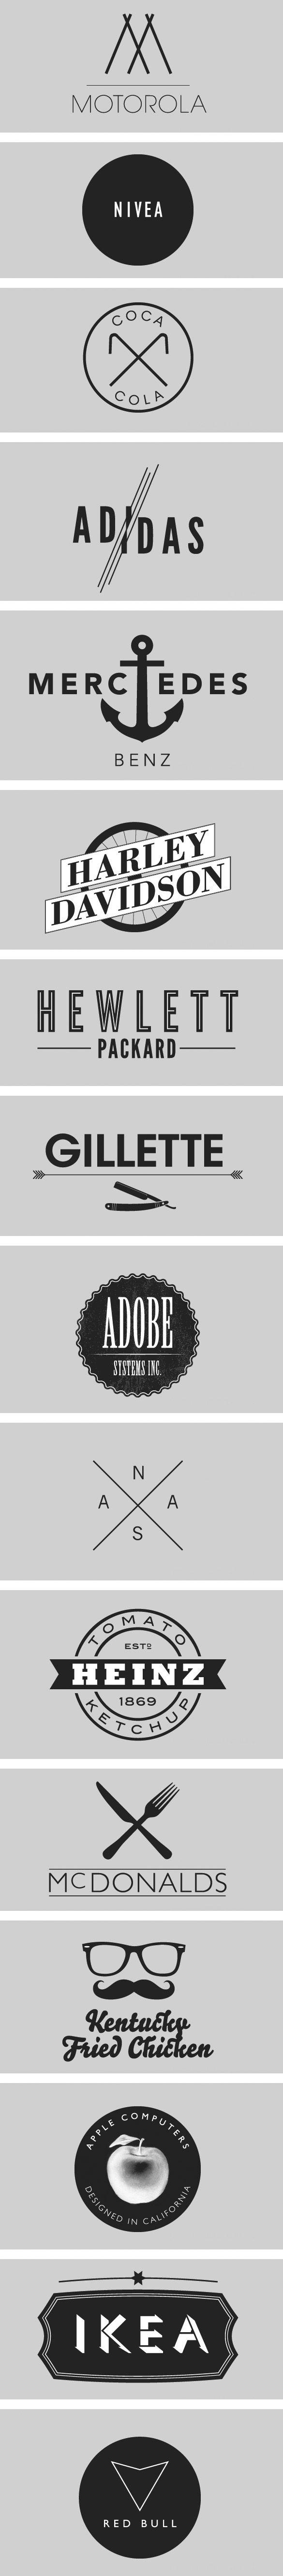 Graphisme & interactivité blog de design par Geoffrey Dorne » Décryptez le logos à la mode «hipster» !